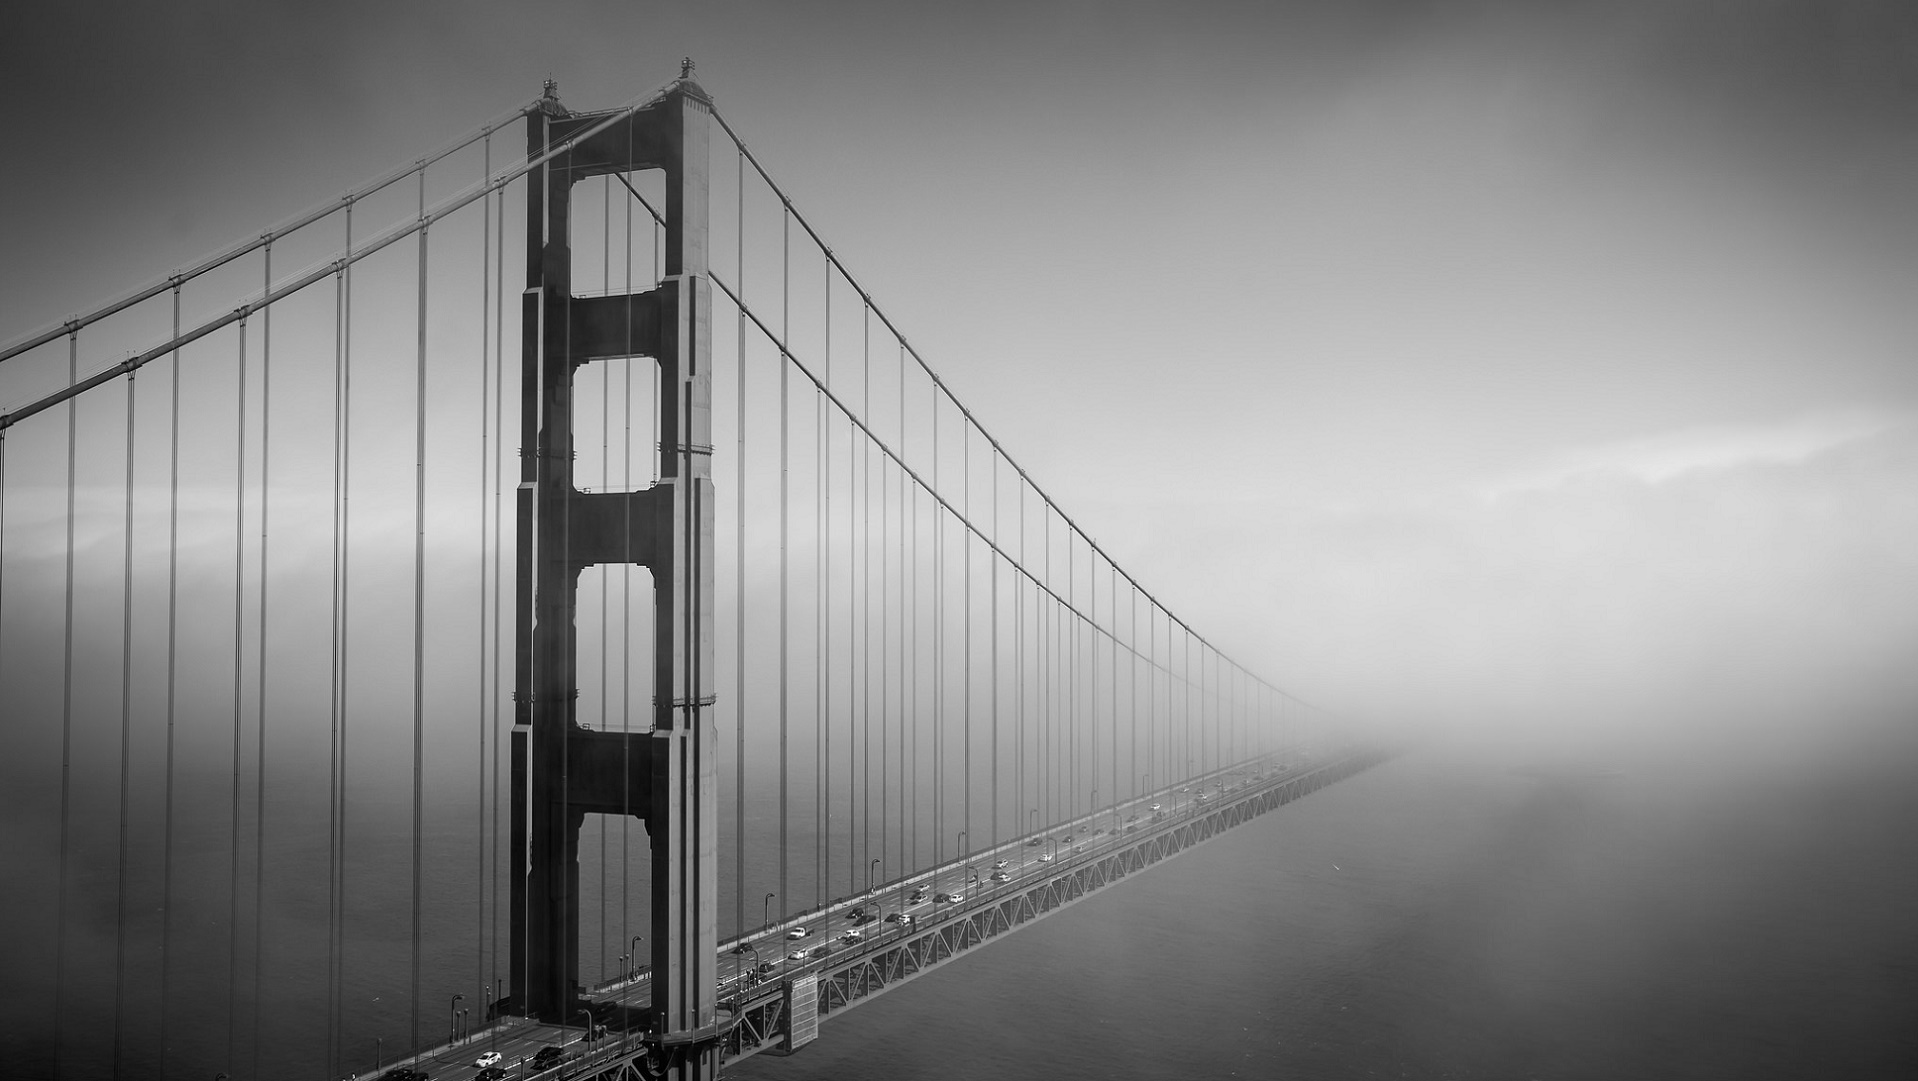 Crean una especie de Street View de San Francisco con fotos históricas